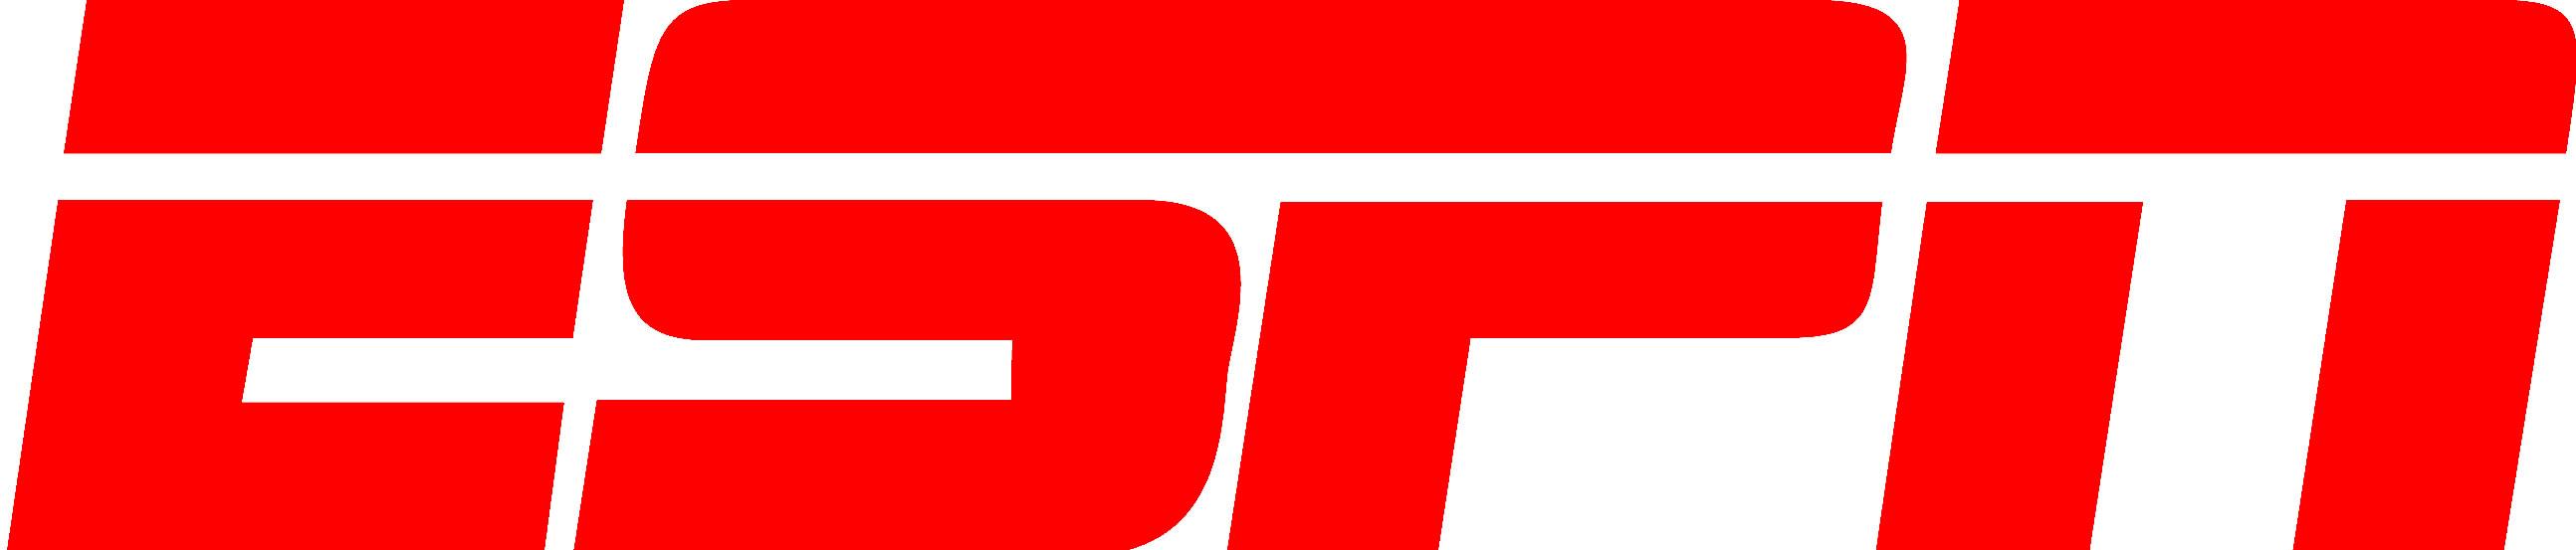 Que significa Tbs ,Cnn ,MGM ,ESPN ,BBC ,VH1, FOX, FX ,TNT ...